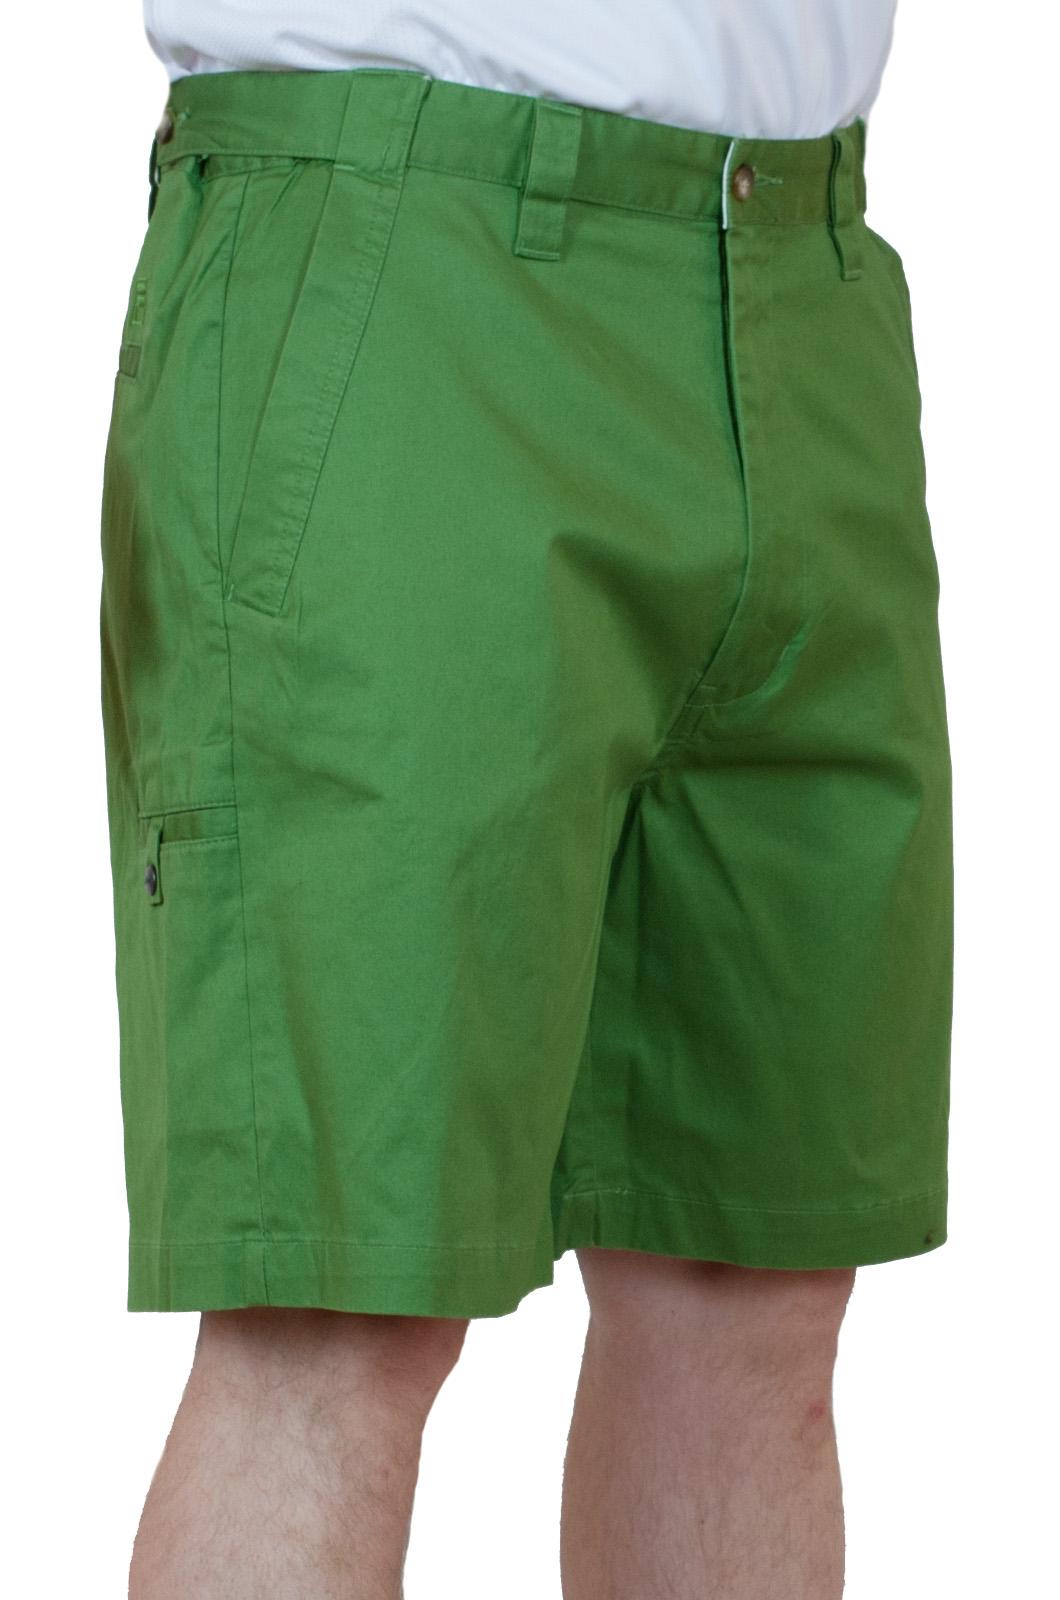 Хлопчатобумажные зеленые мужские шорты - вид сбоку